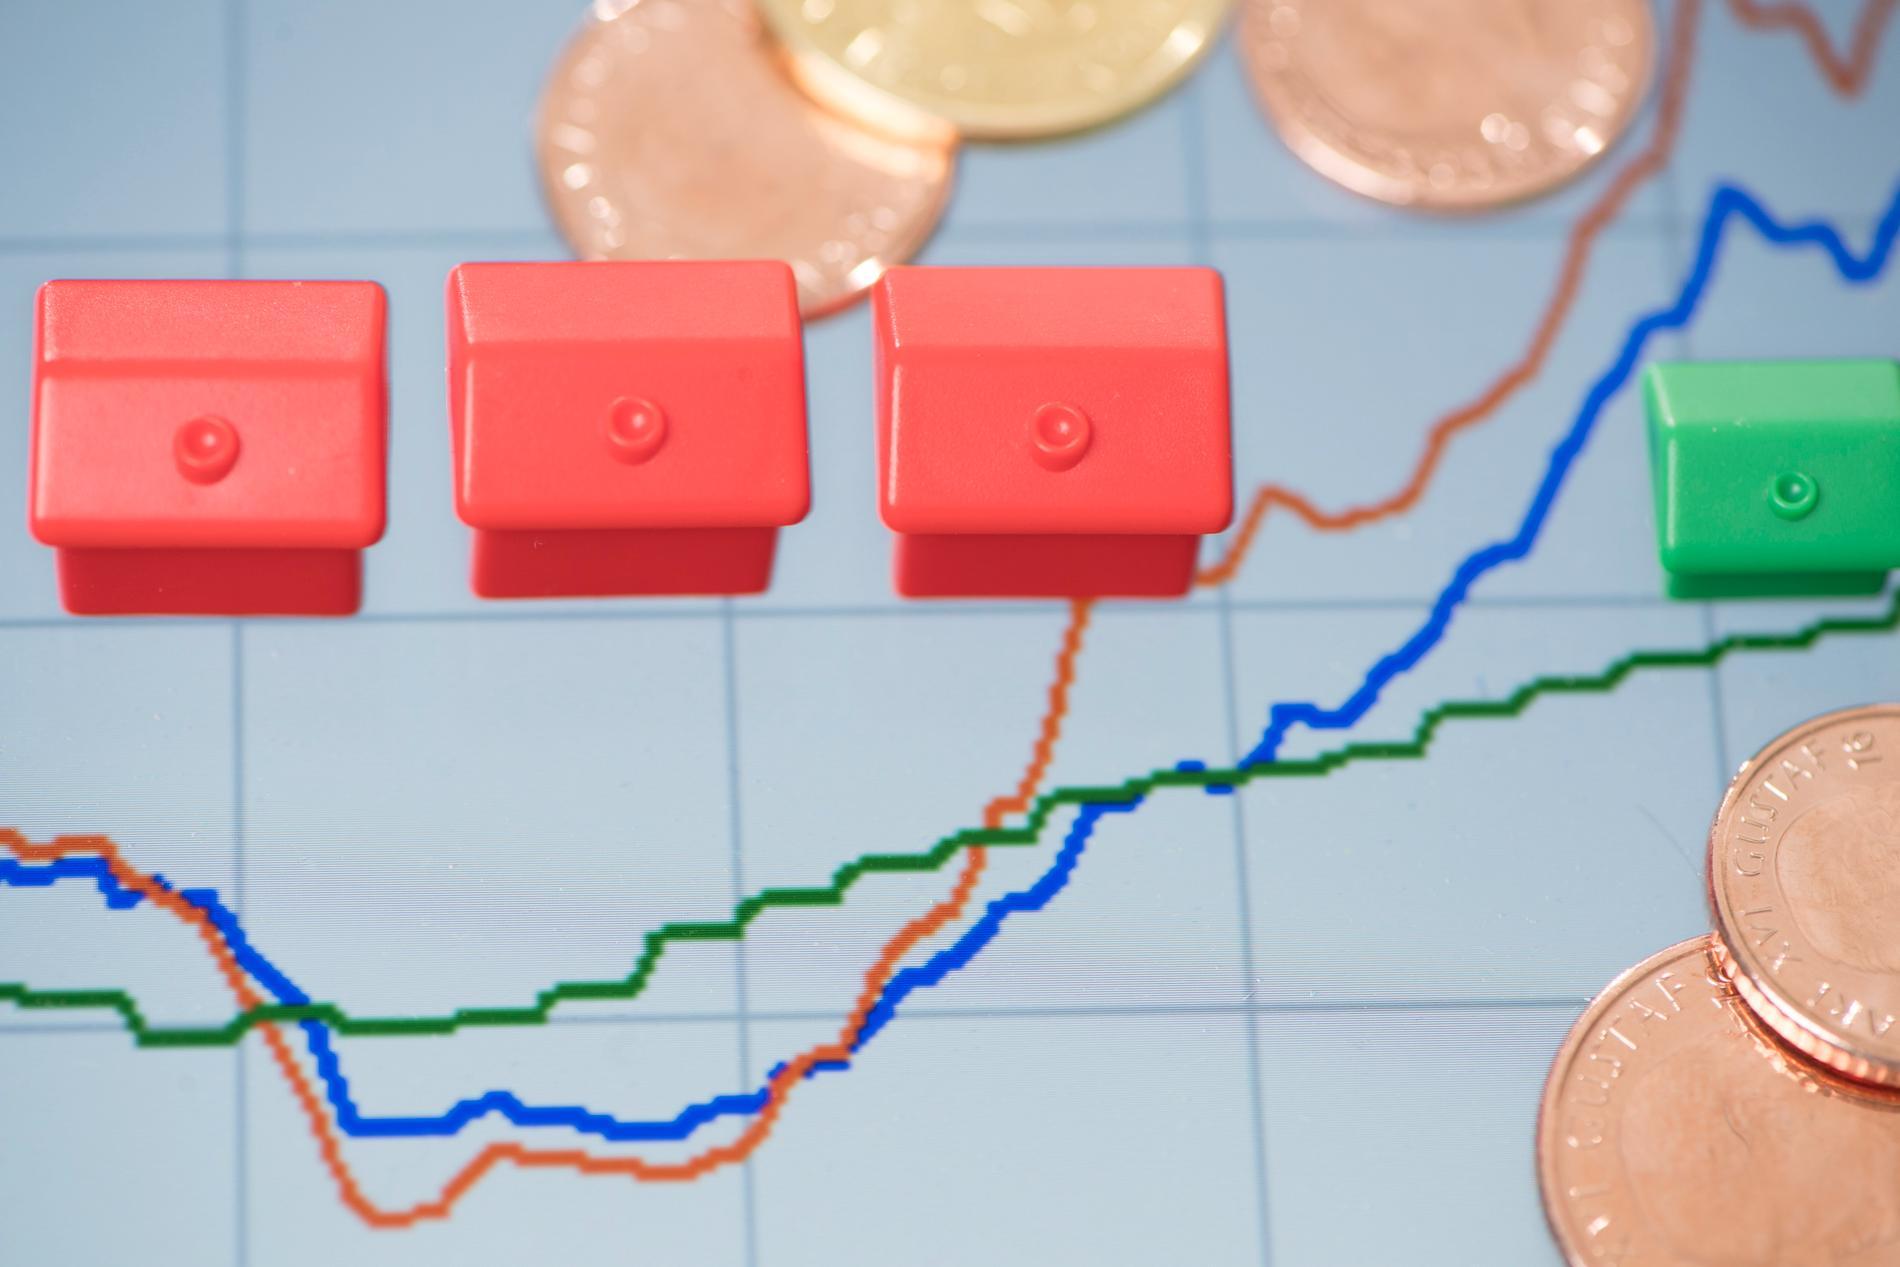 Graf som symboliserar ökande huspriser, lägenhetspriser och bostadslån. Arkivbild.